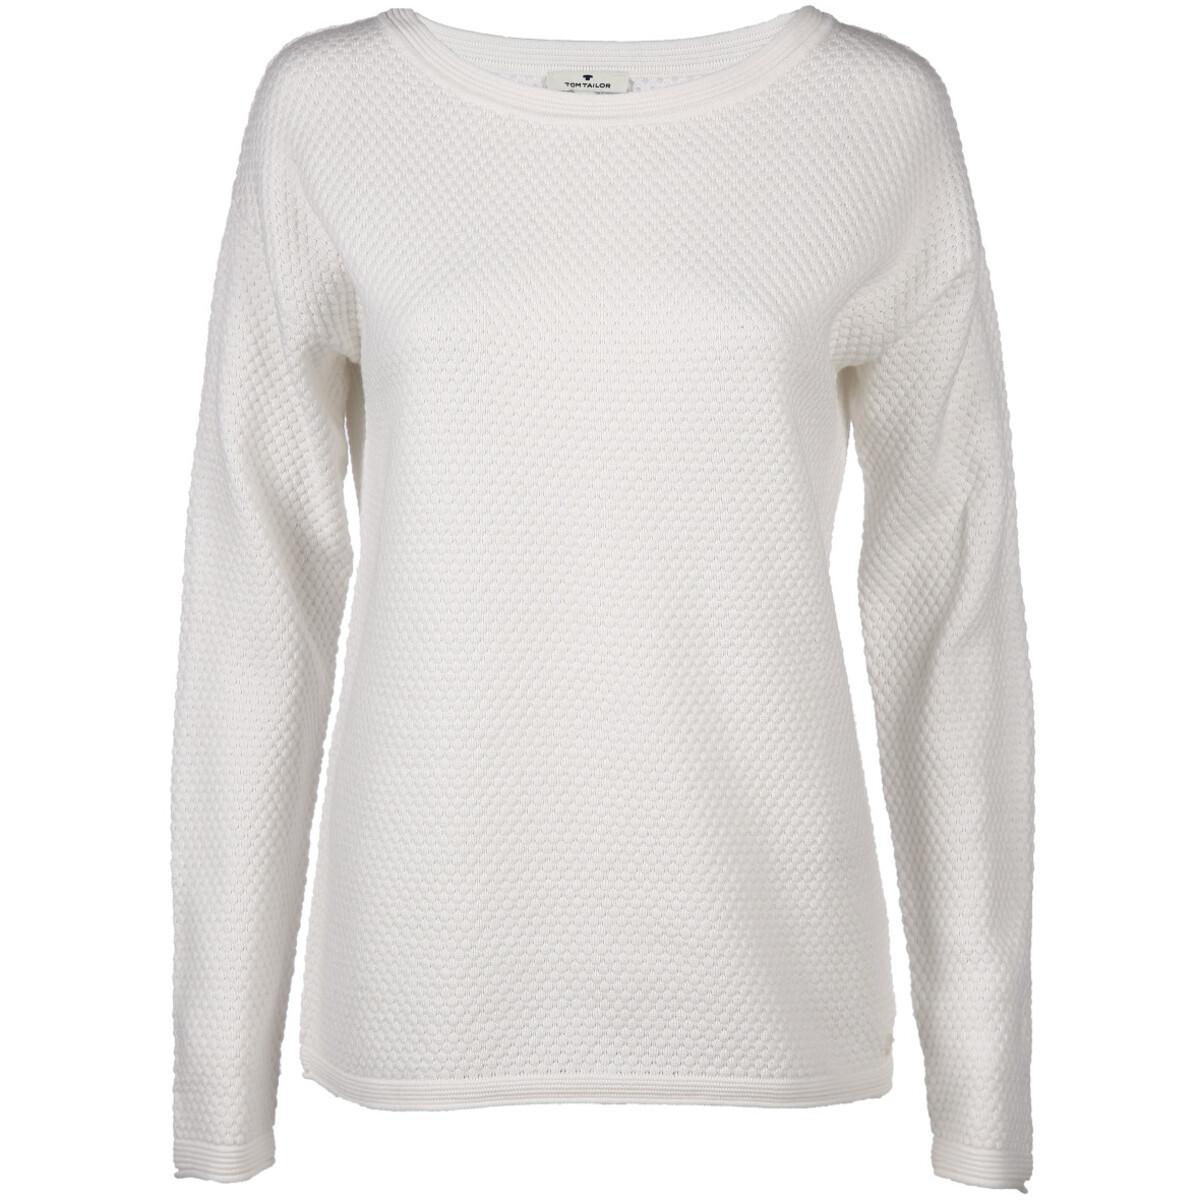 Bild 1 von Damen Struktur Shirt